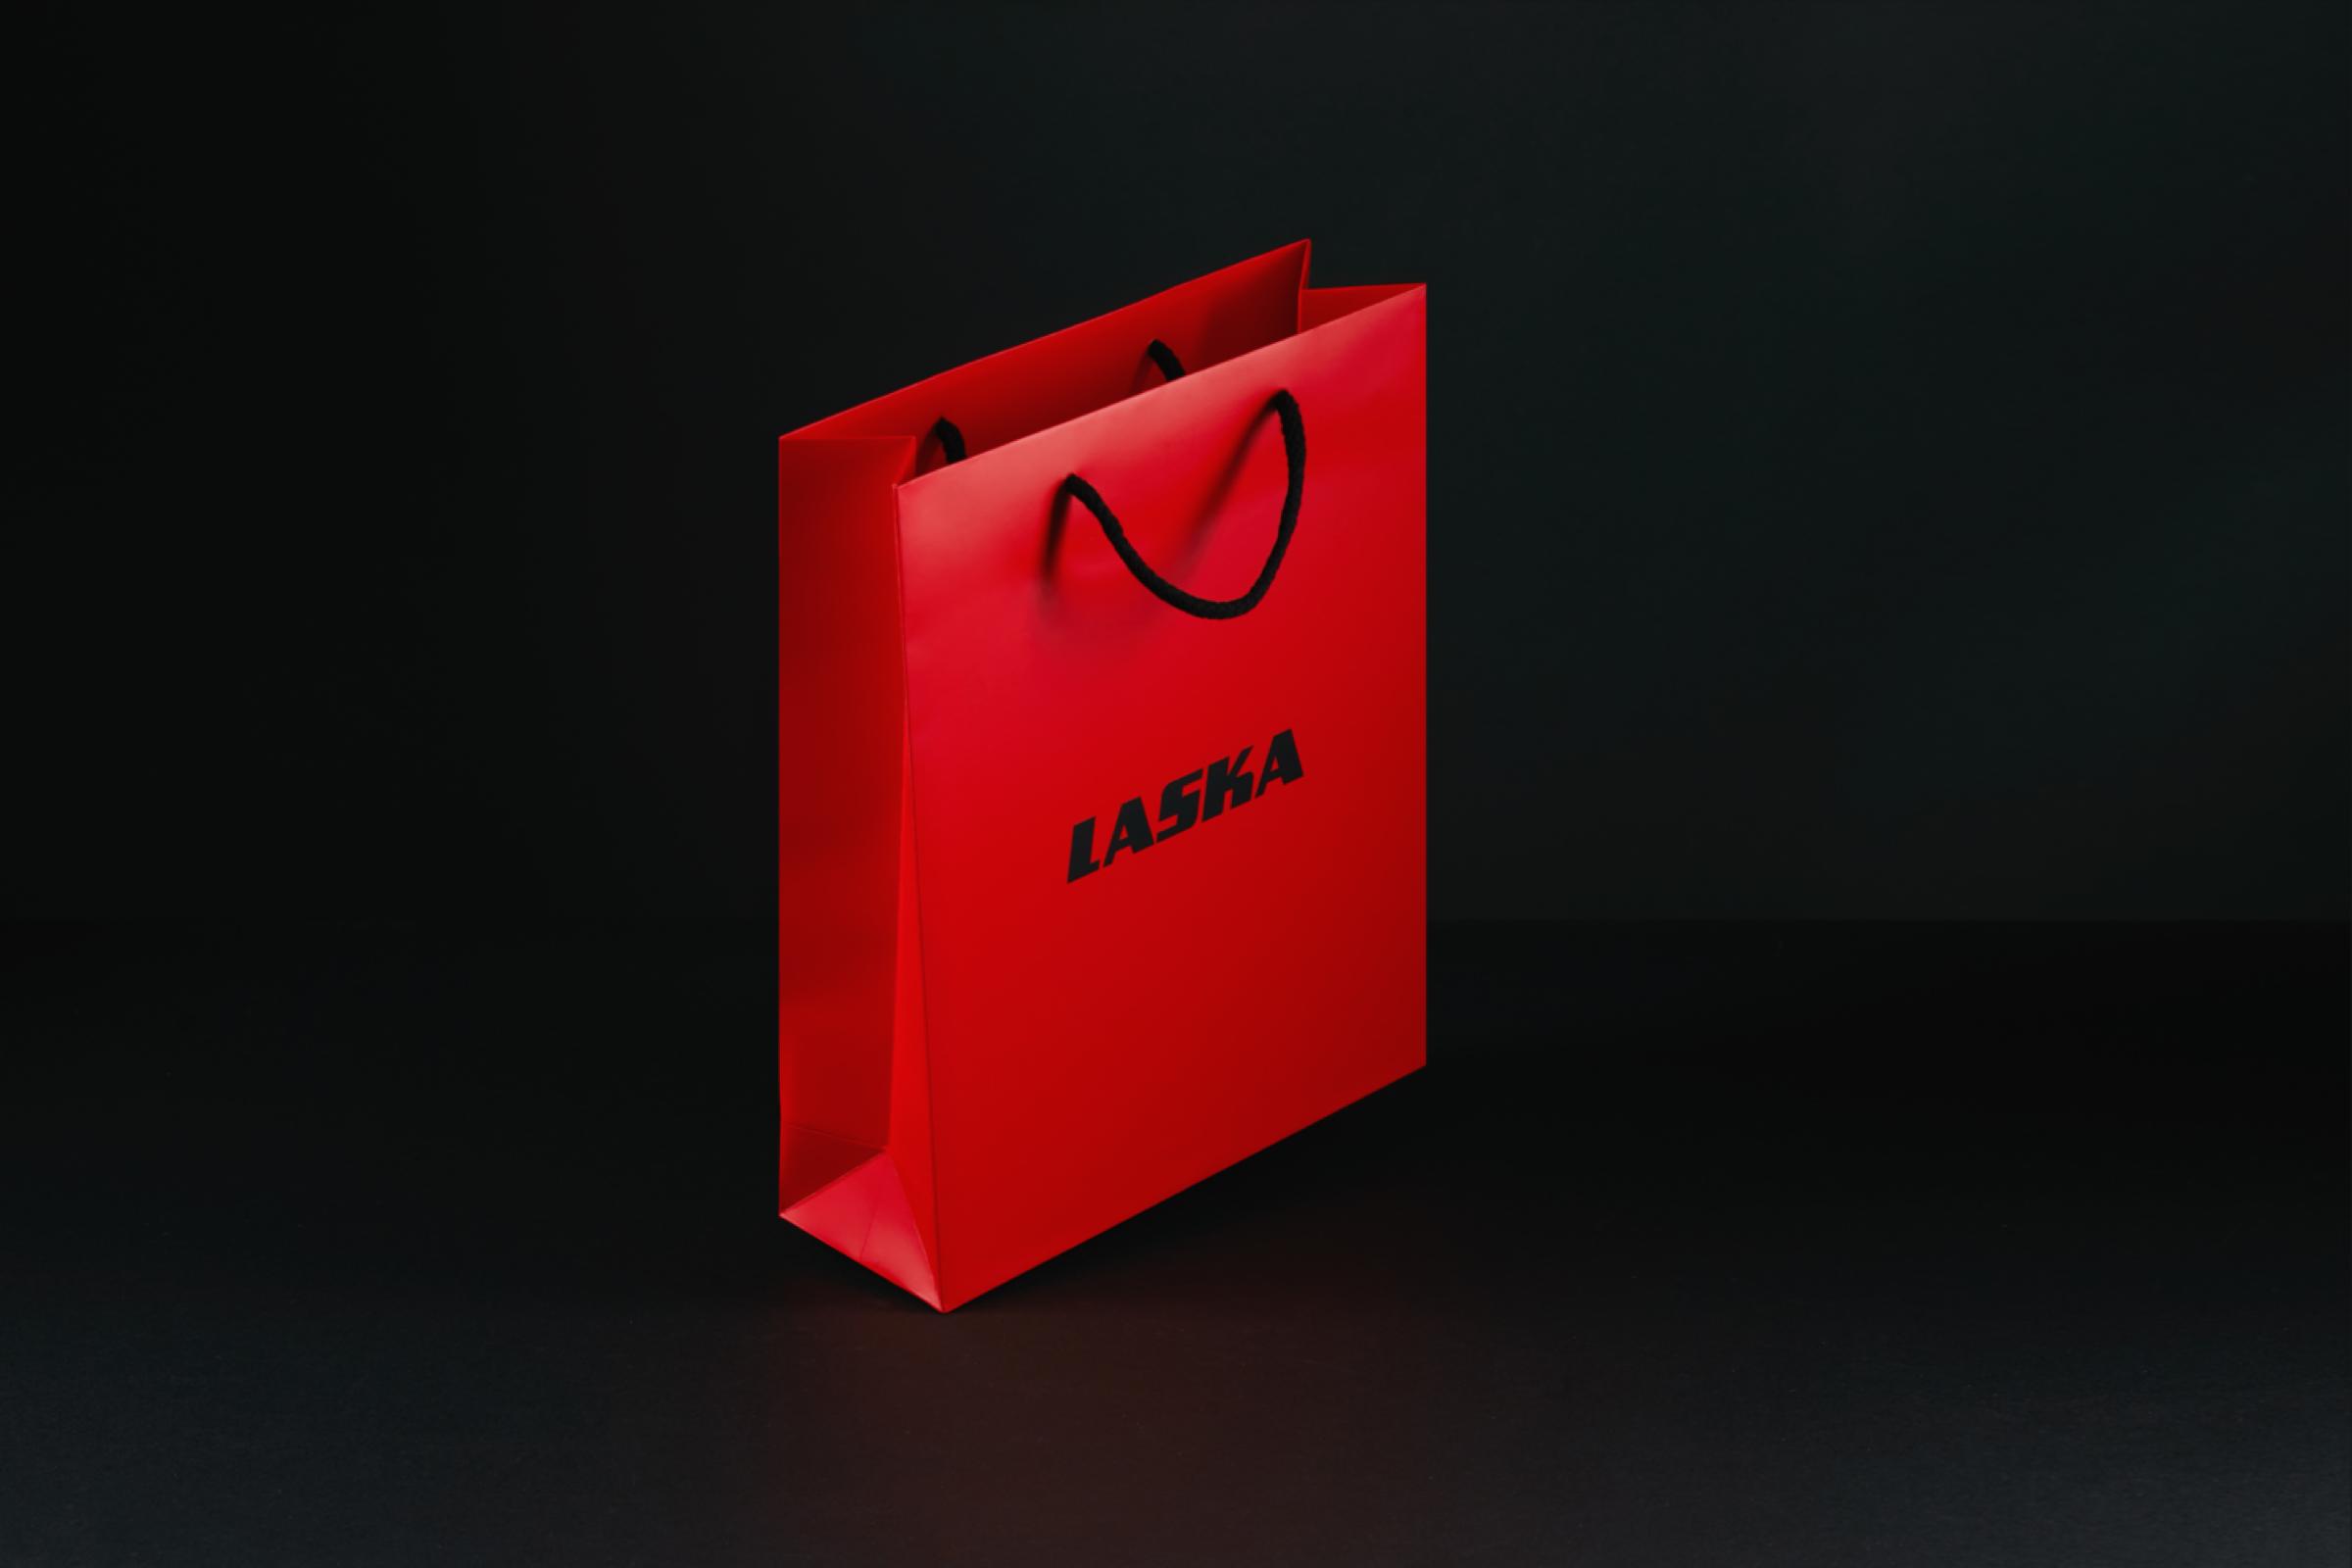 Ref Laska Branding 019 L Iffa